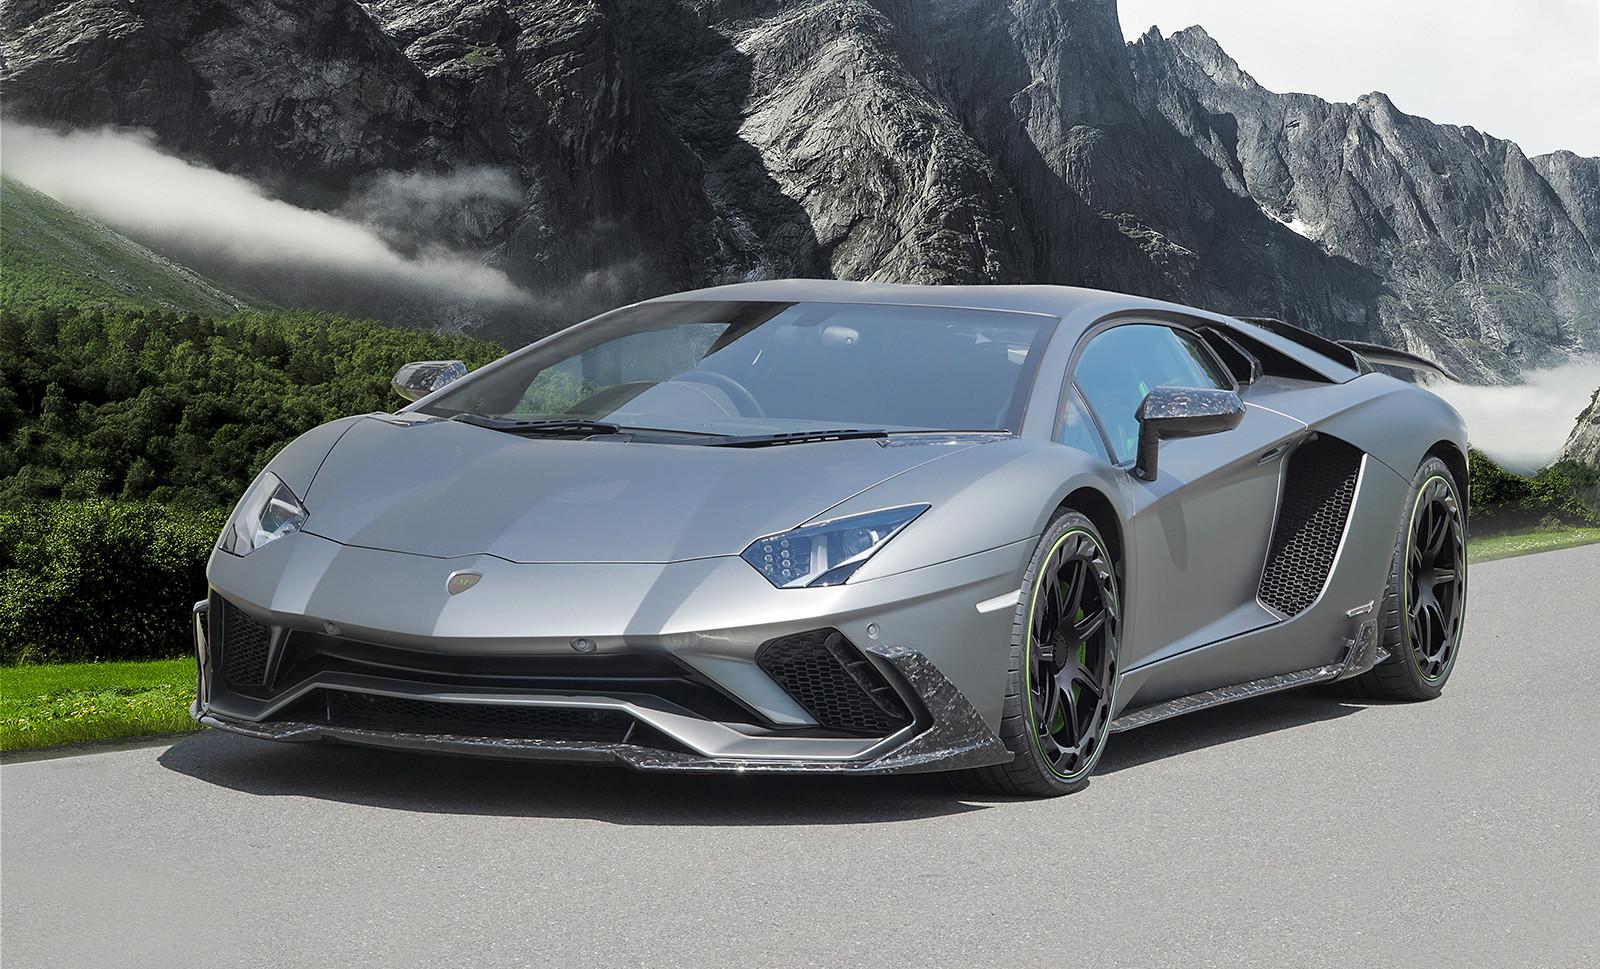 Foto de Lamborghini Aventador S Mansory (1/8)